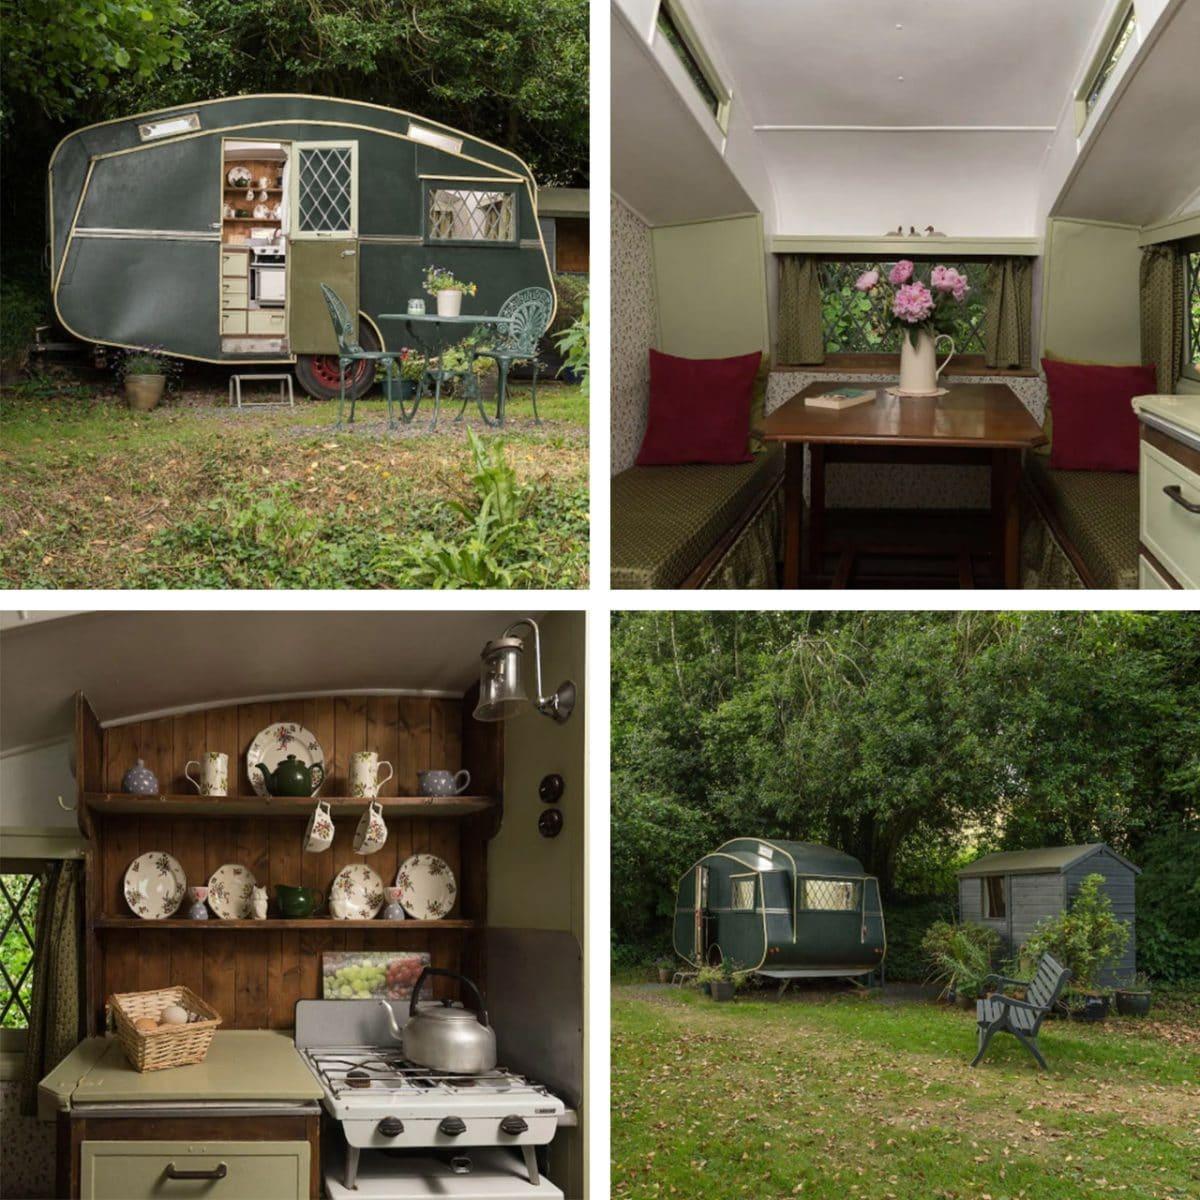 51 of the Best Caravans You Can Stay in on Airbnb | Caravan Helper